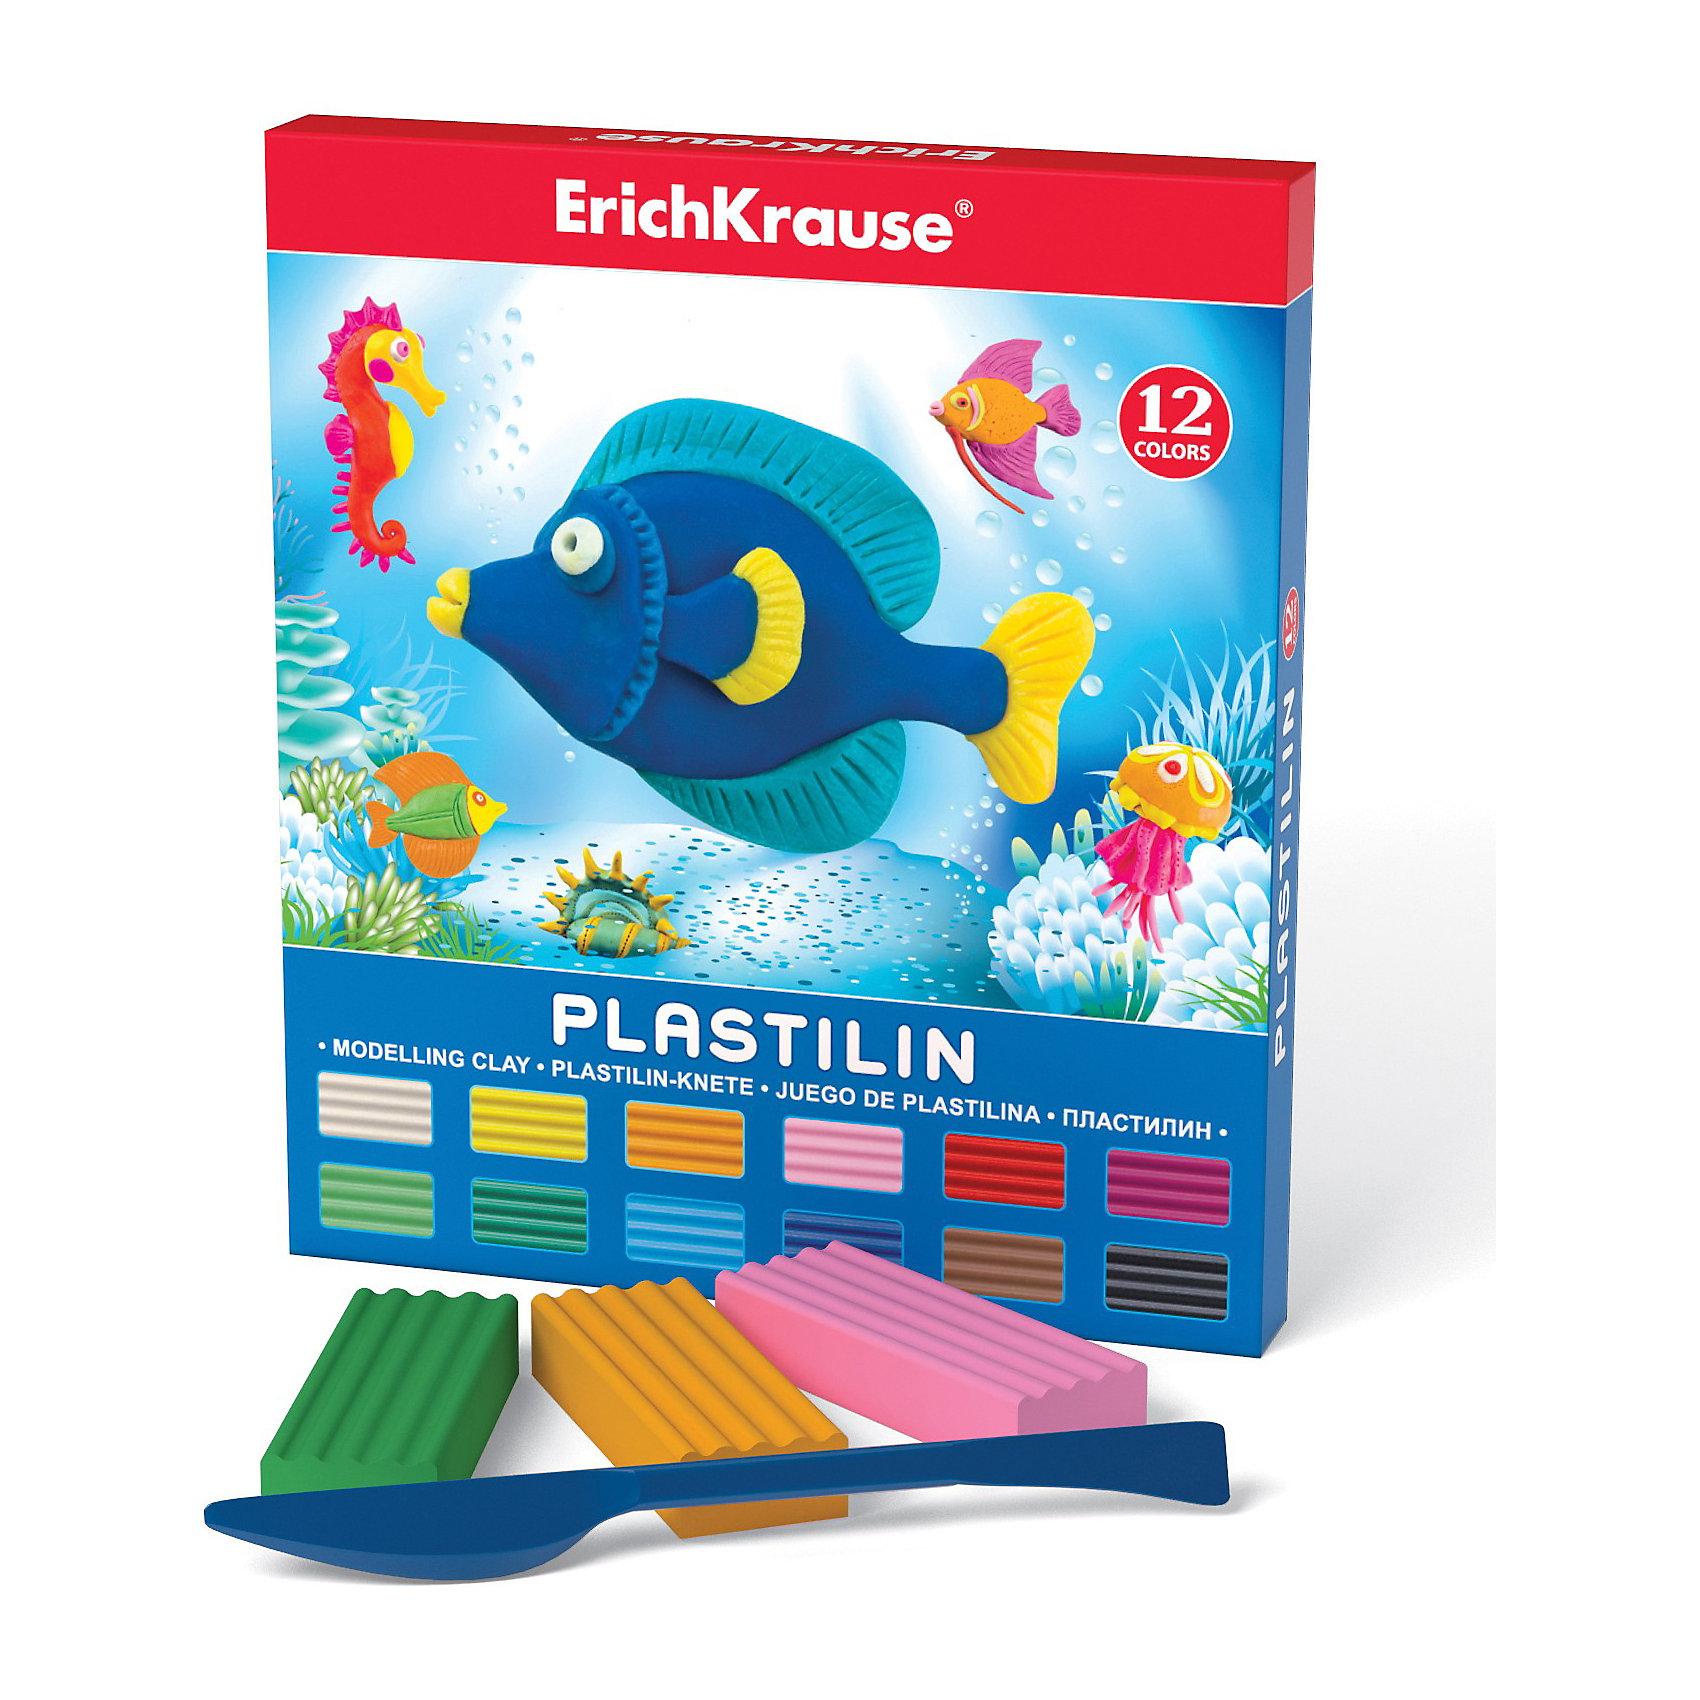 Пластилин  со стеком 12 цвПластилин со стеком, 12 цв  от Erich Krause (Эрих Краузе) это школьный пластилин, который производится на основе безопасных для Вашего малыша компонентов!Сохраняет свою форму, не застывает на воздухе. Бруски пластилина уложены в пластиковый прозрачный поддон, обеспечивающий сохранность внешнего вида и потребительских свойств.<br><br>Ширина мм: 150<br>Глубина мм: 10<br>Высота мм: 180<br>Вес г: 258<br>Возраст от месяцев: 36<br>Возраст до месяцев: 144<br>Пол: Унисекс<br>Возраст: Детский<br>SKU: 3293881